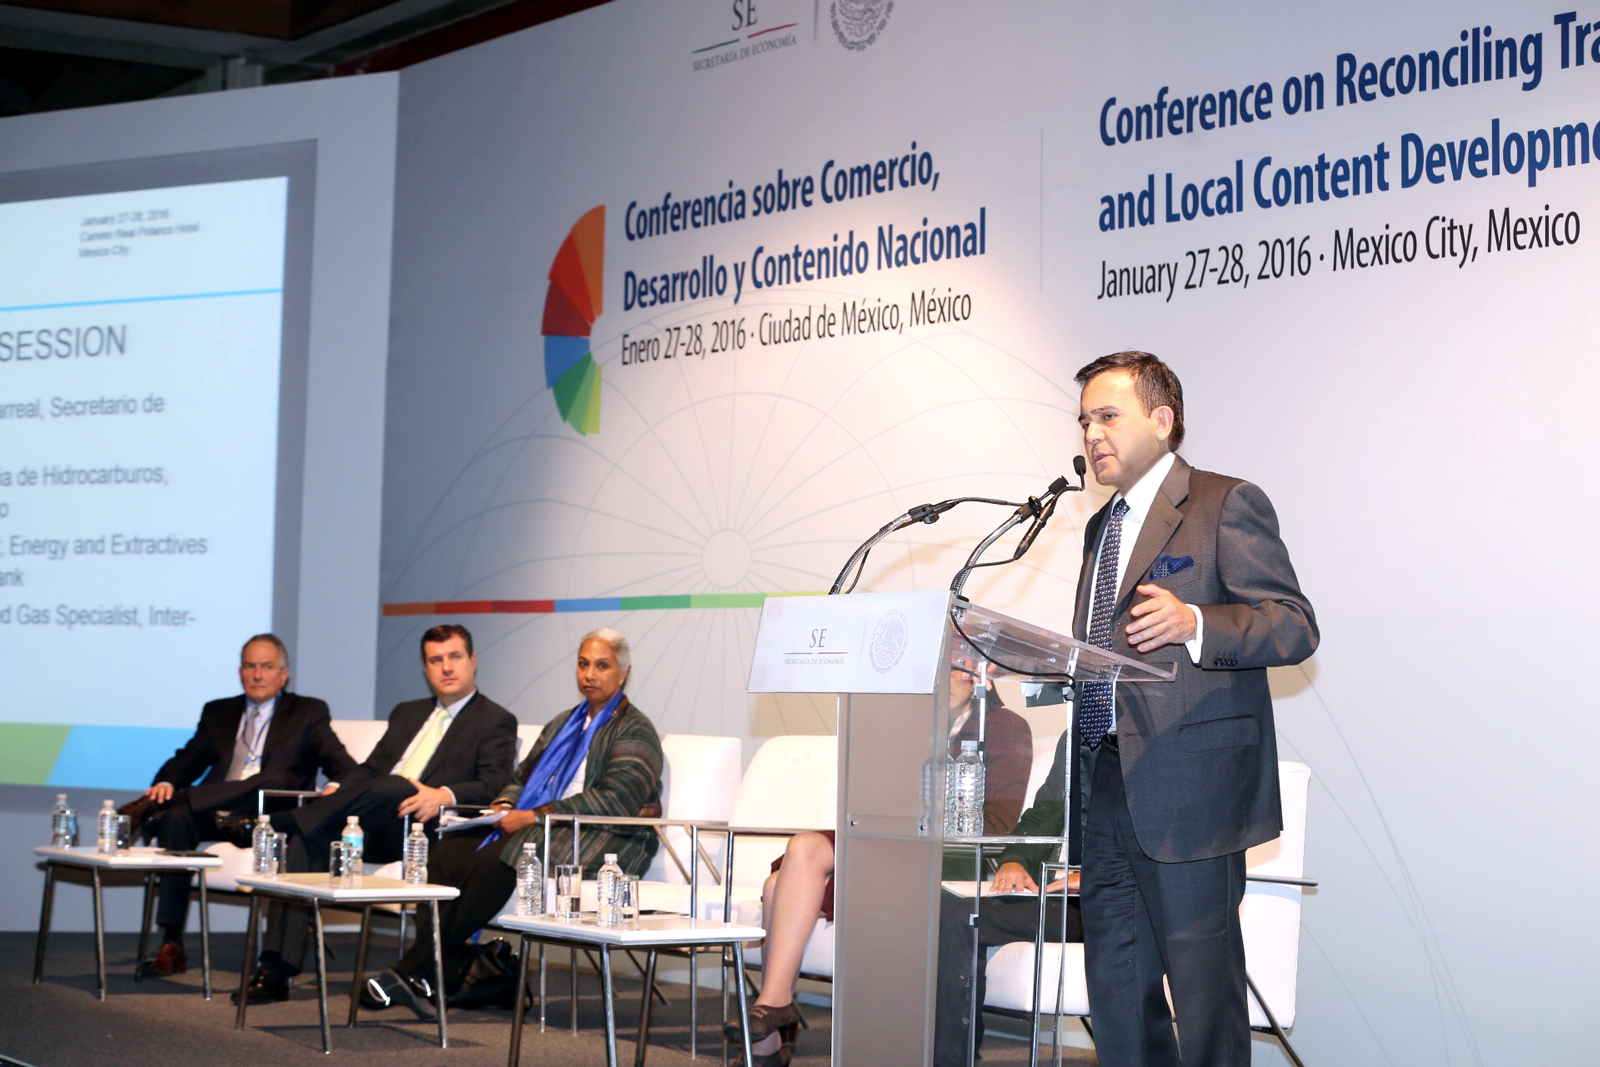 El Secretario de Economía participó en la conferencia sobre la Conciliación del Comercio y el Desarrollo del Contenido Local